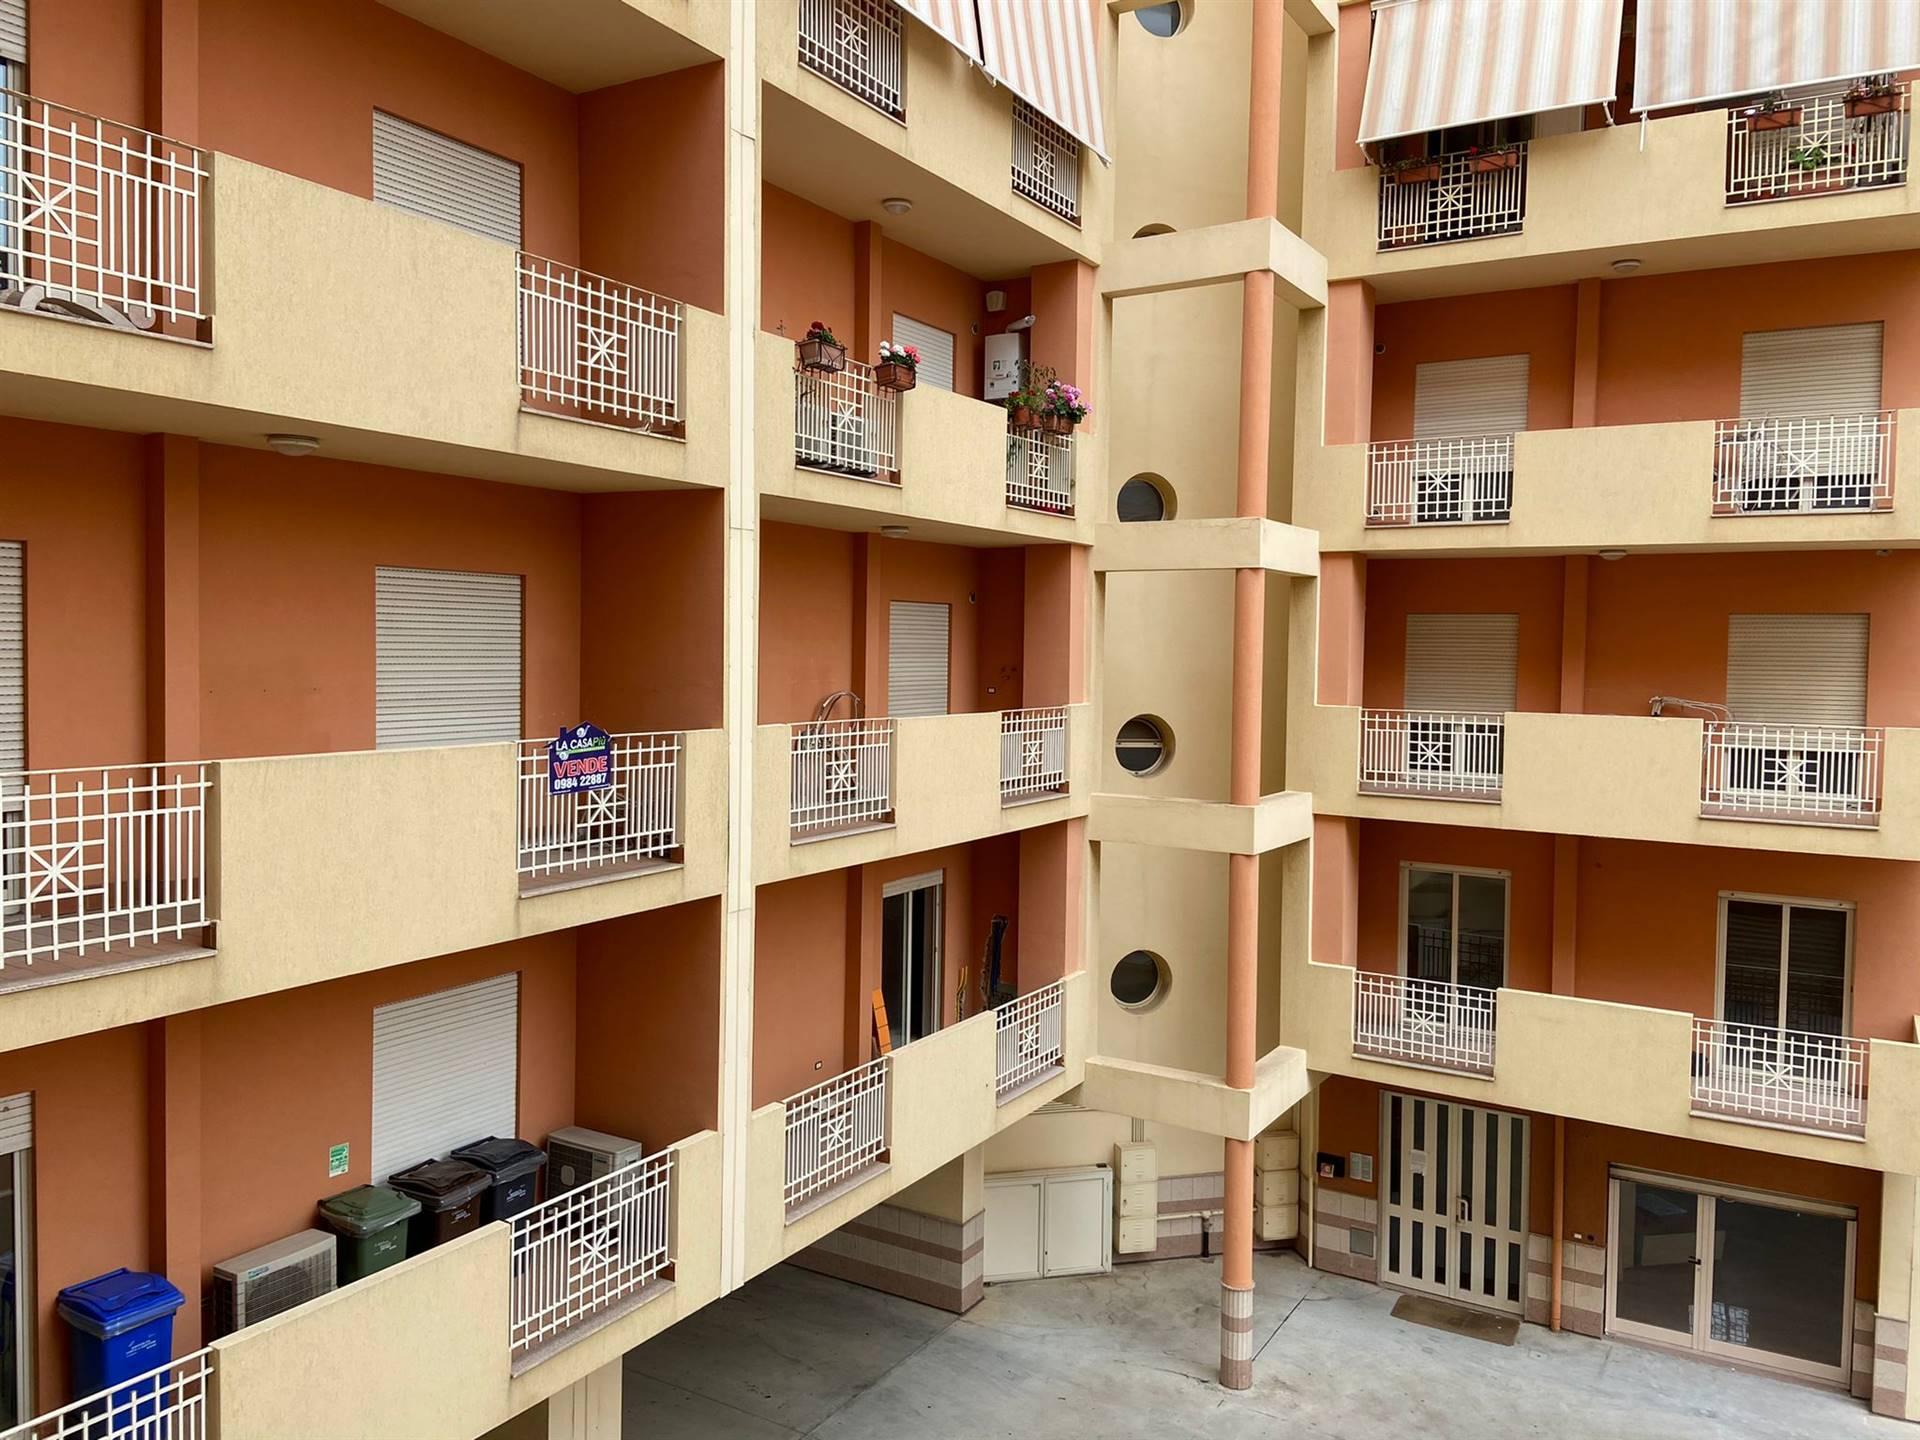 Appartamento in vendita a Reggio Calabria, 6 locali, zona Località: MODENA, prezzo € 108.000 | CambioCasa.it